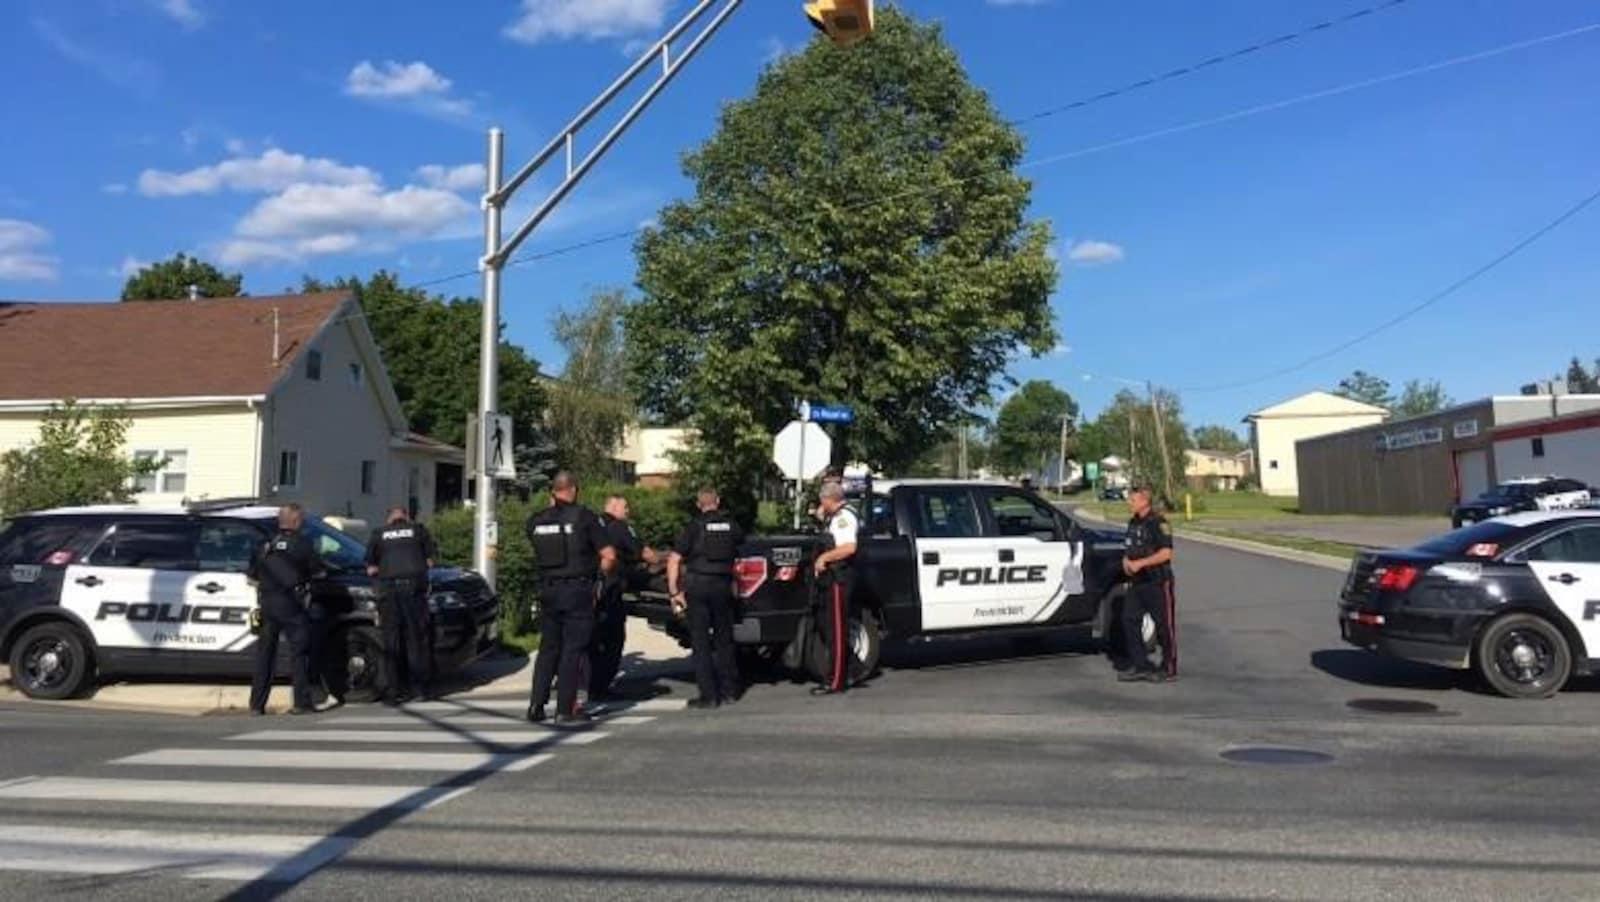 Des policiers devant des véhicules des forces policières de Fredericton.